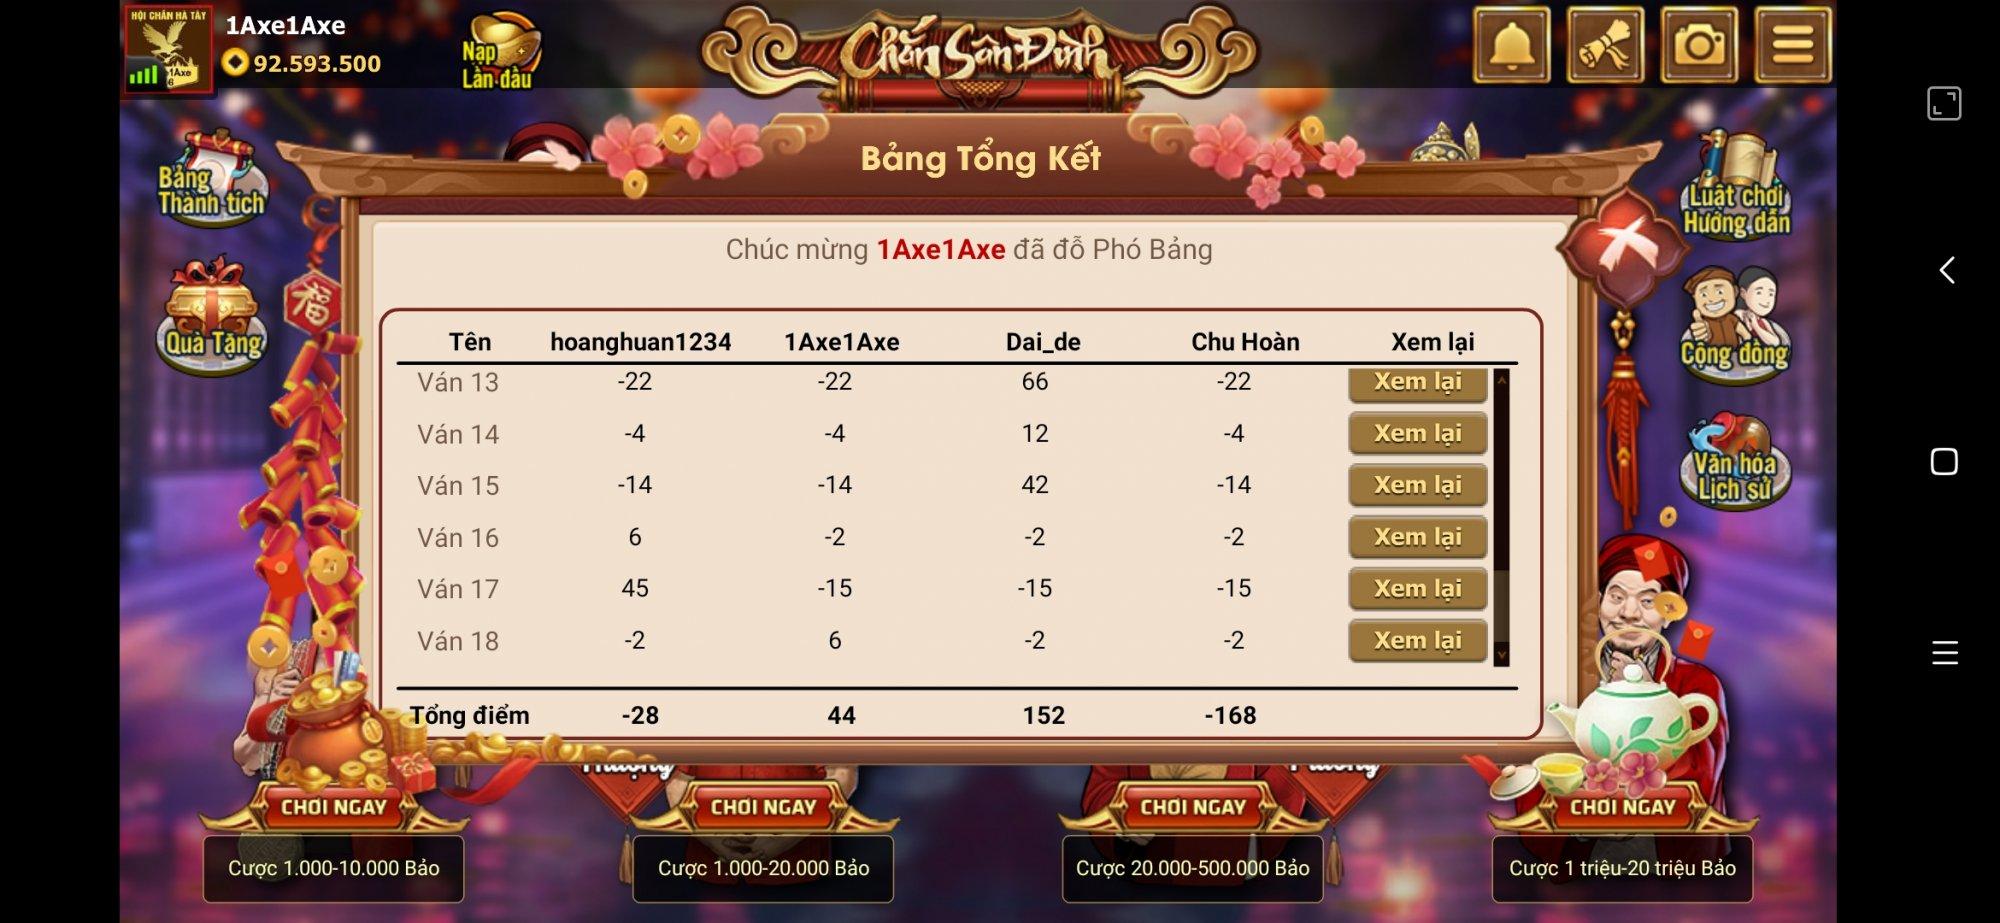 Screenshot_2021-07-20-22-28-00-231_com.vietsao.chandangian.